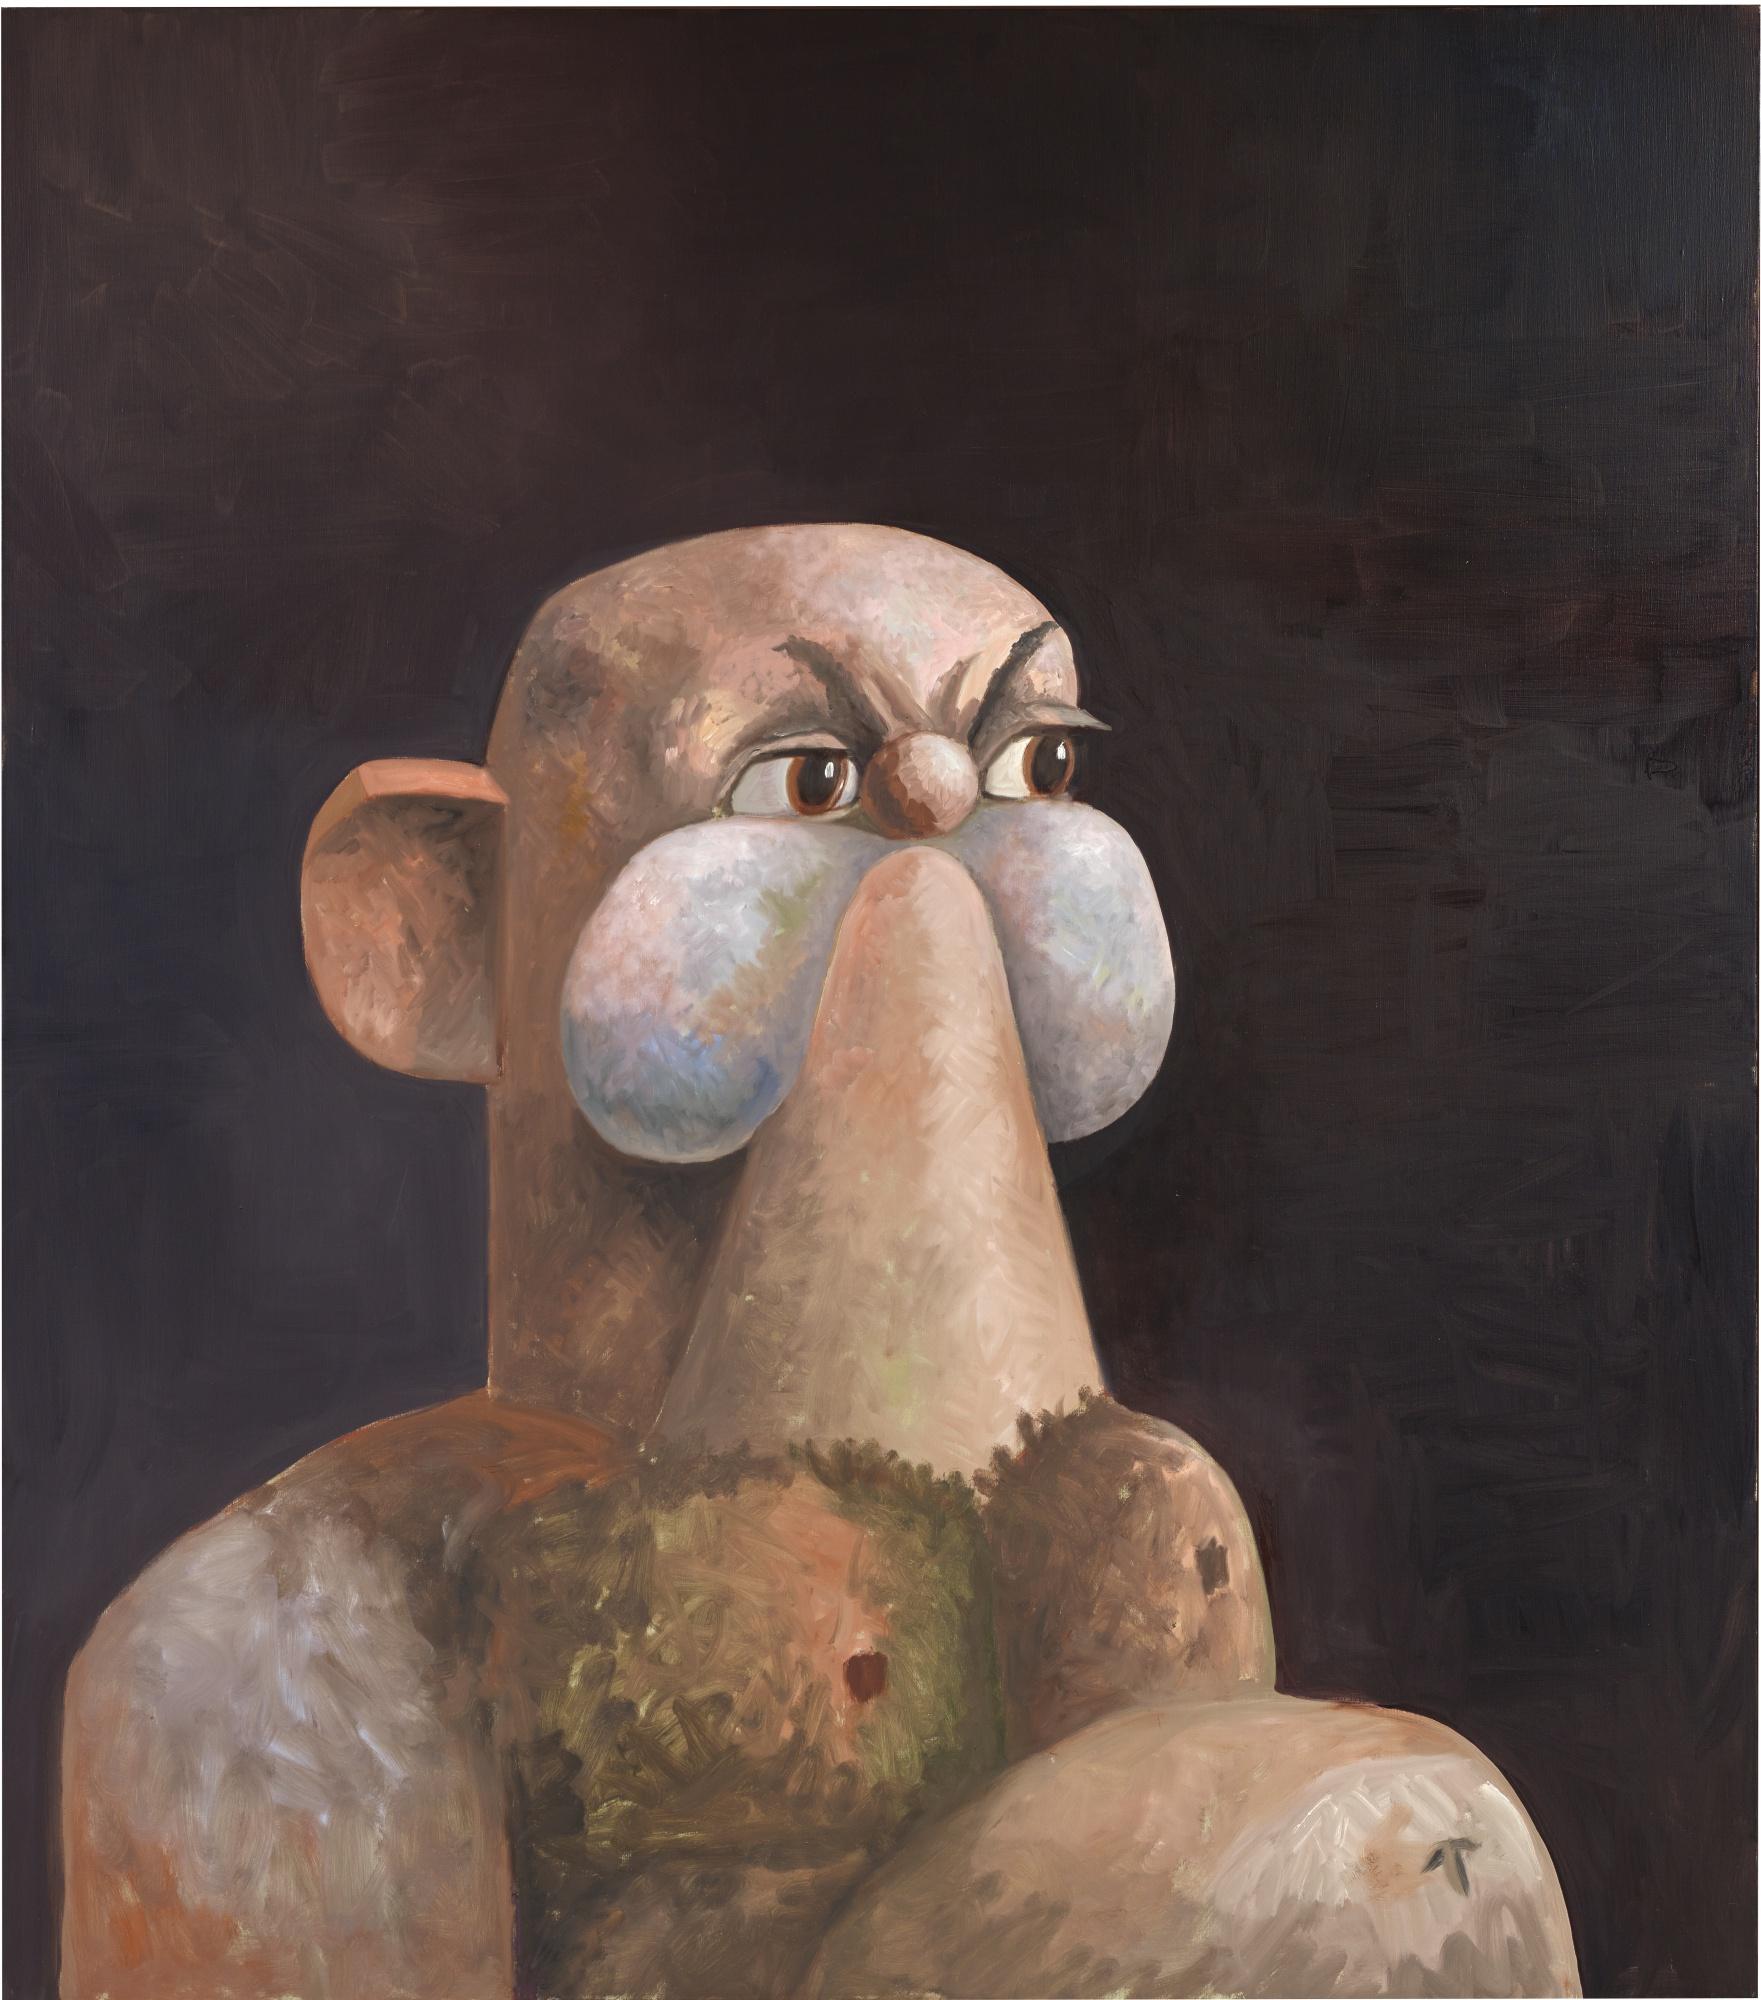 George Condo-The Rock-2010